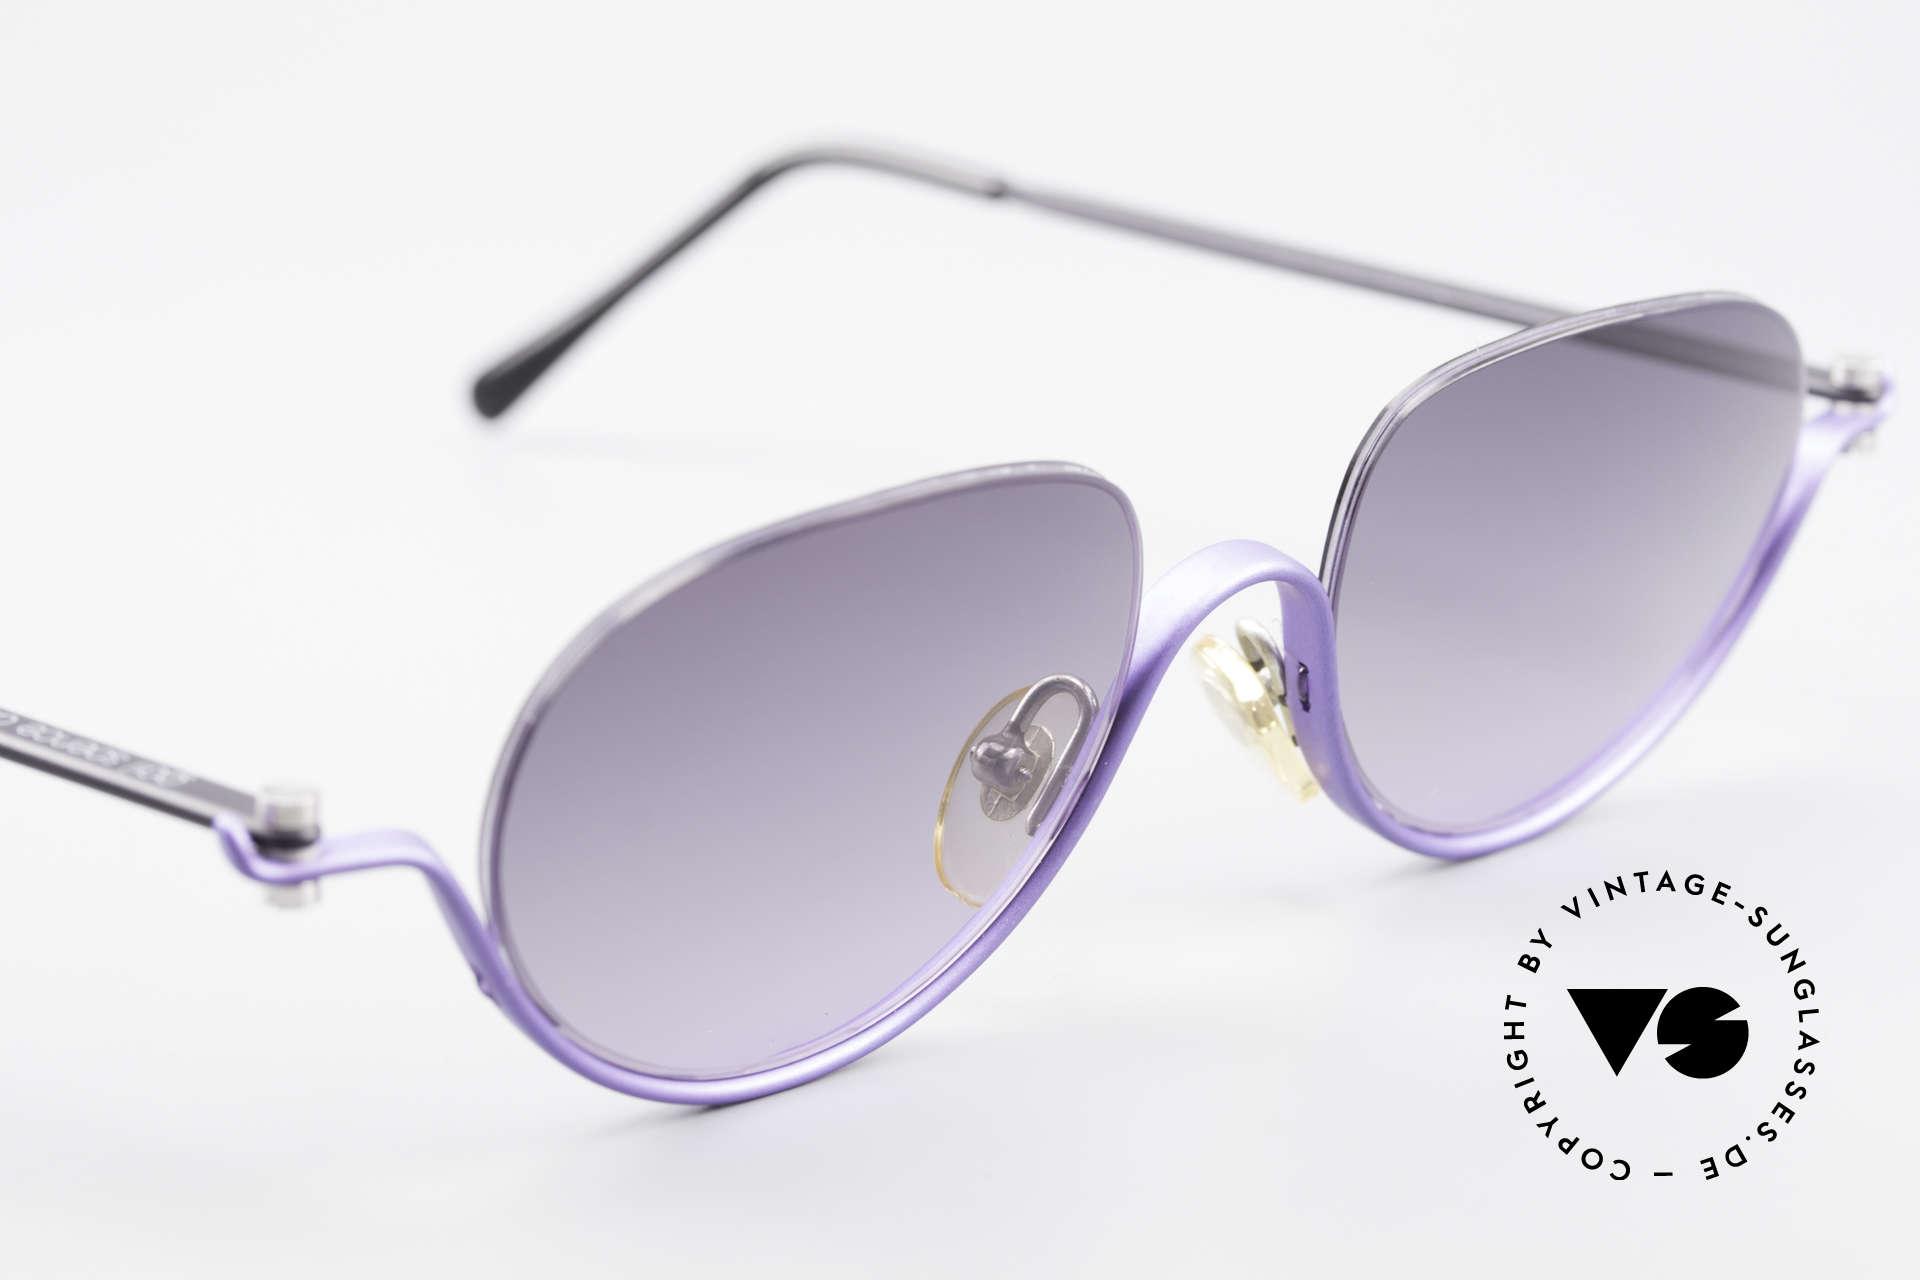 ProDesign No8 Gail Spence Design Brille, dieses ungetragene N°8 Modell stammt von ca. '95, Passend für Damen